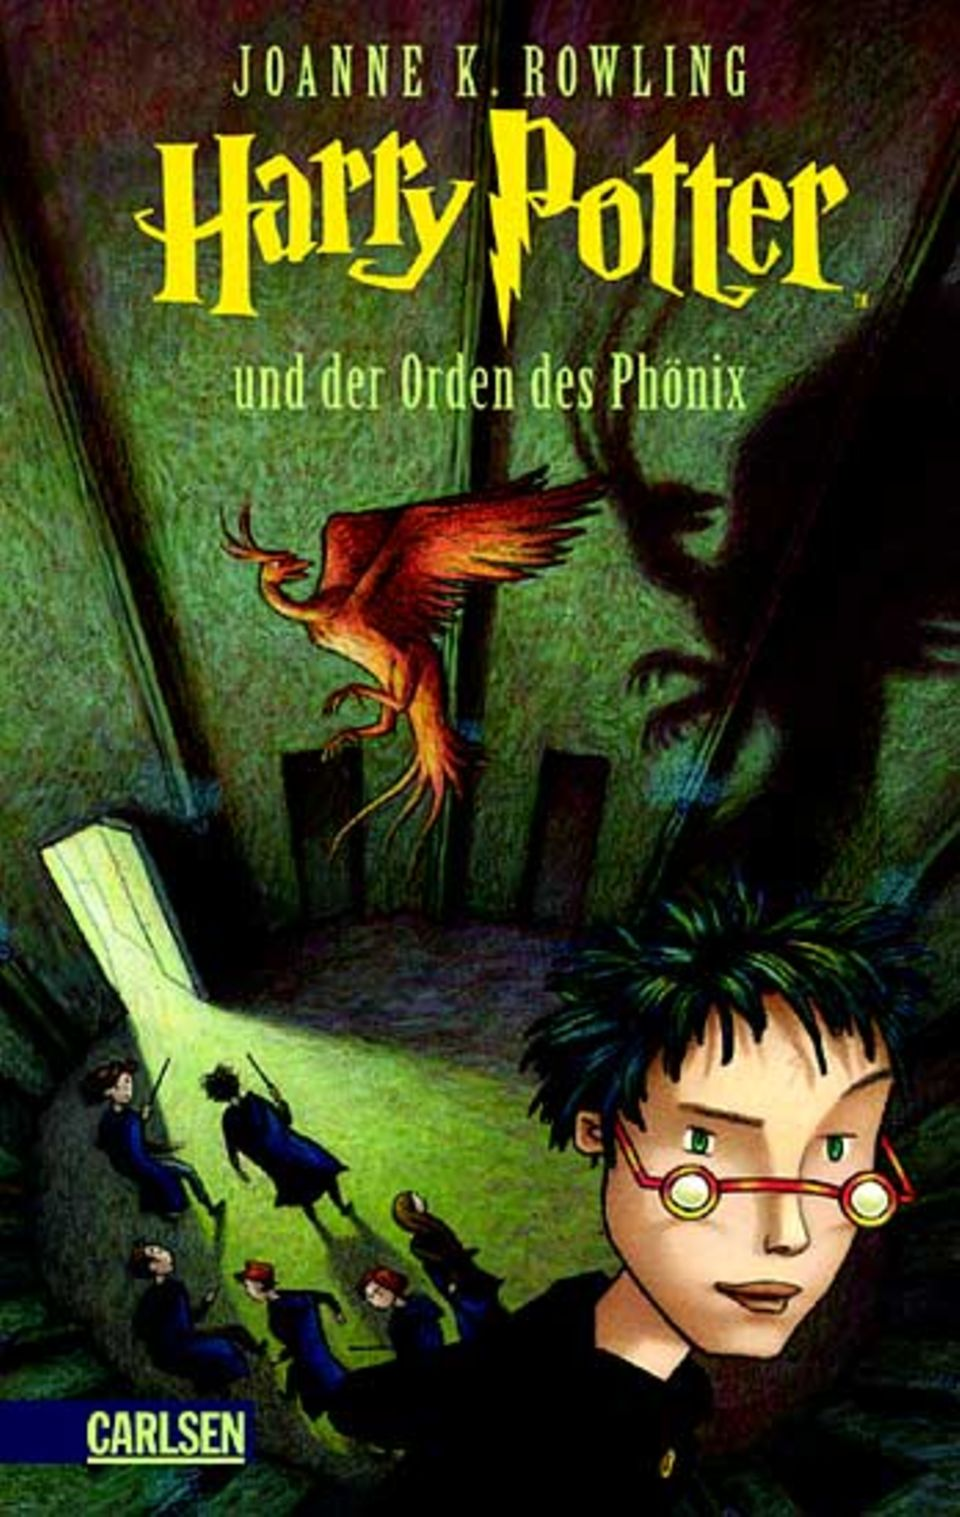 """Höchst begehrt: Die deutsche Übersetzung von JK Rowlings fünftem Band """"Harry Potter und der Orden des Phönix"""" erscheint am Samstag"""